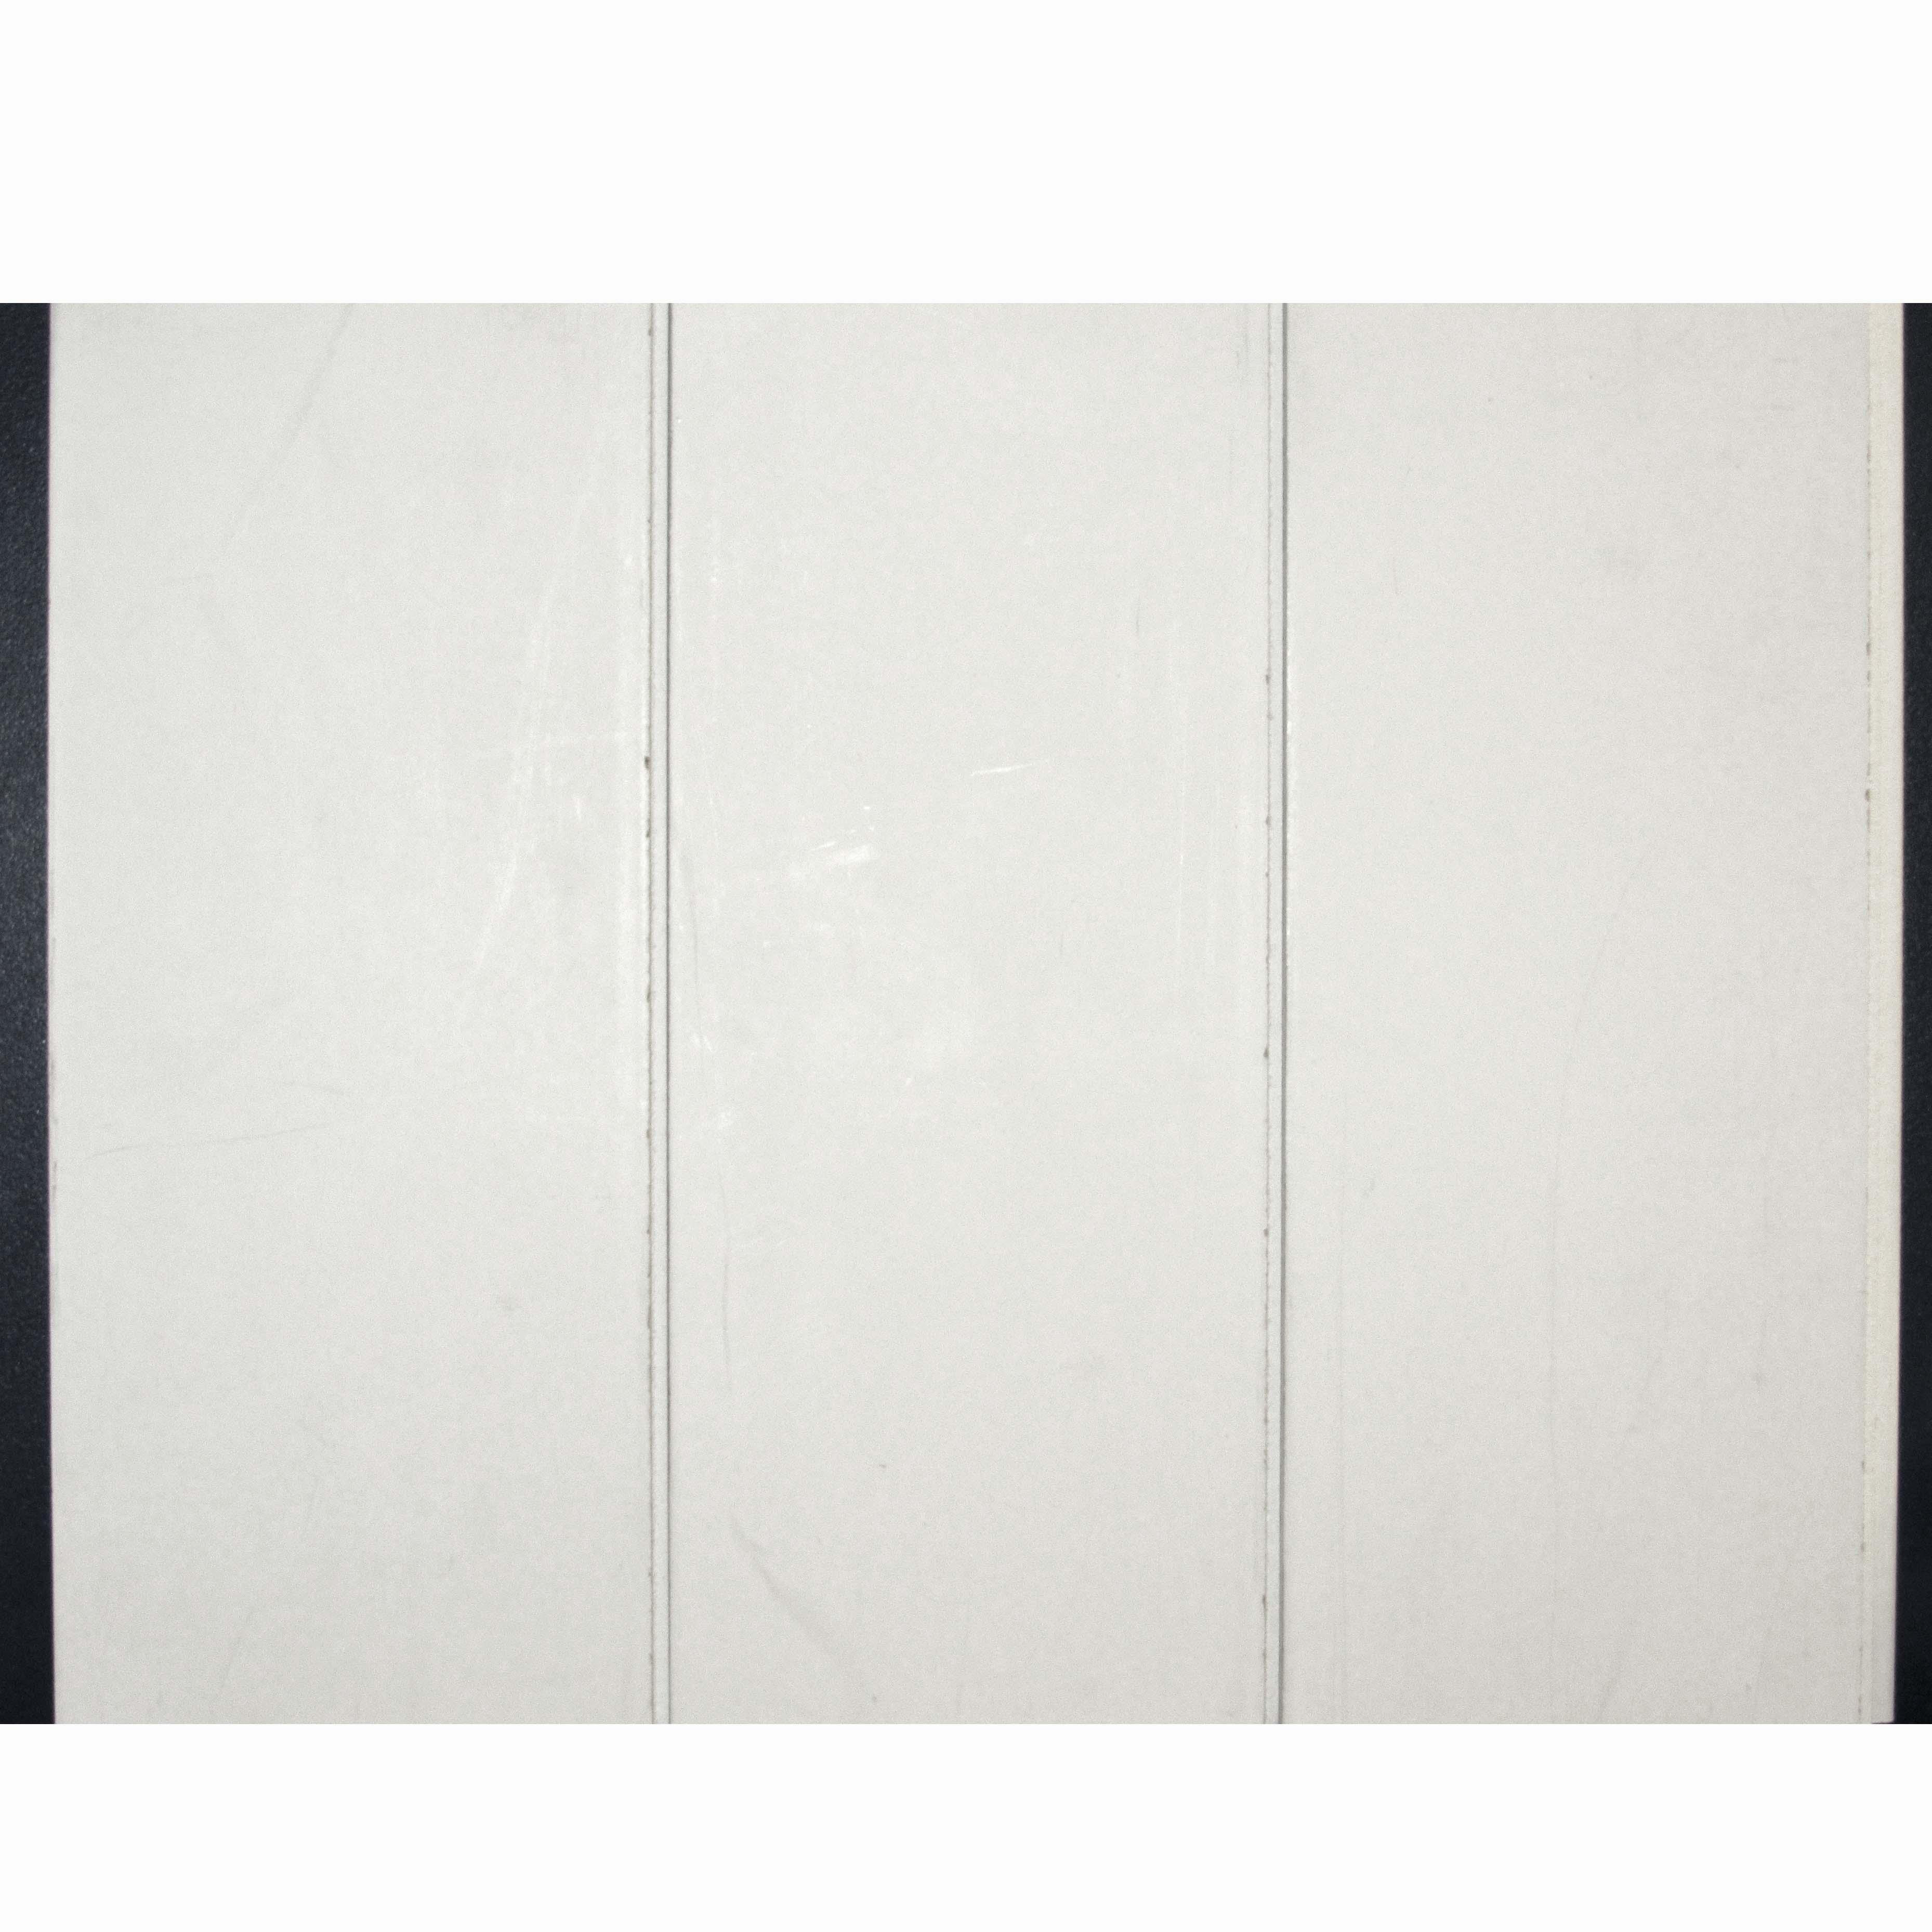 Kirsch Curtain Rods Parts Kirsch 36 63 Inch Center Width